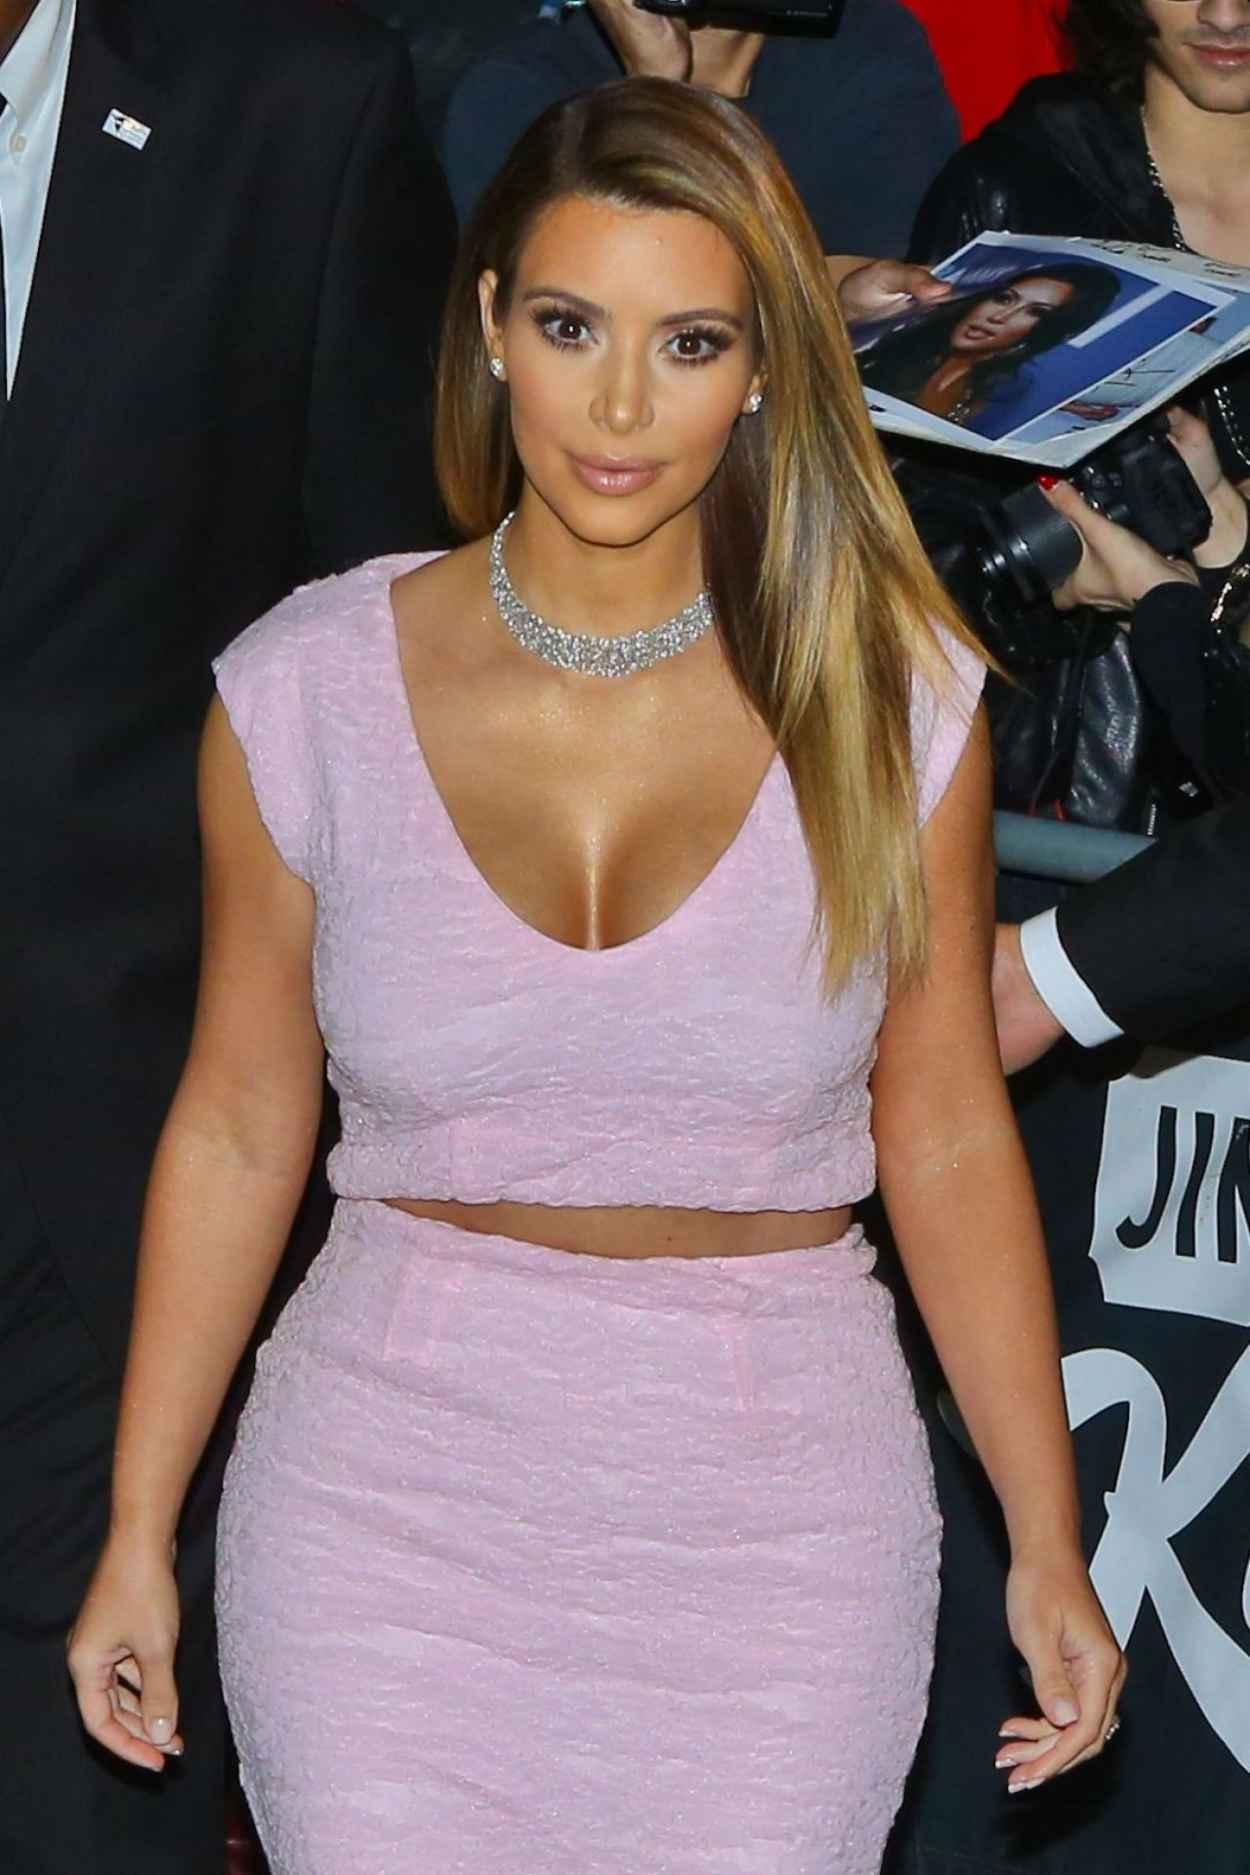 Kim Kardashian - Arriving at Jimmy Kimmel Live! Show - January 2015-1